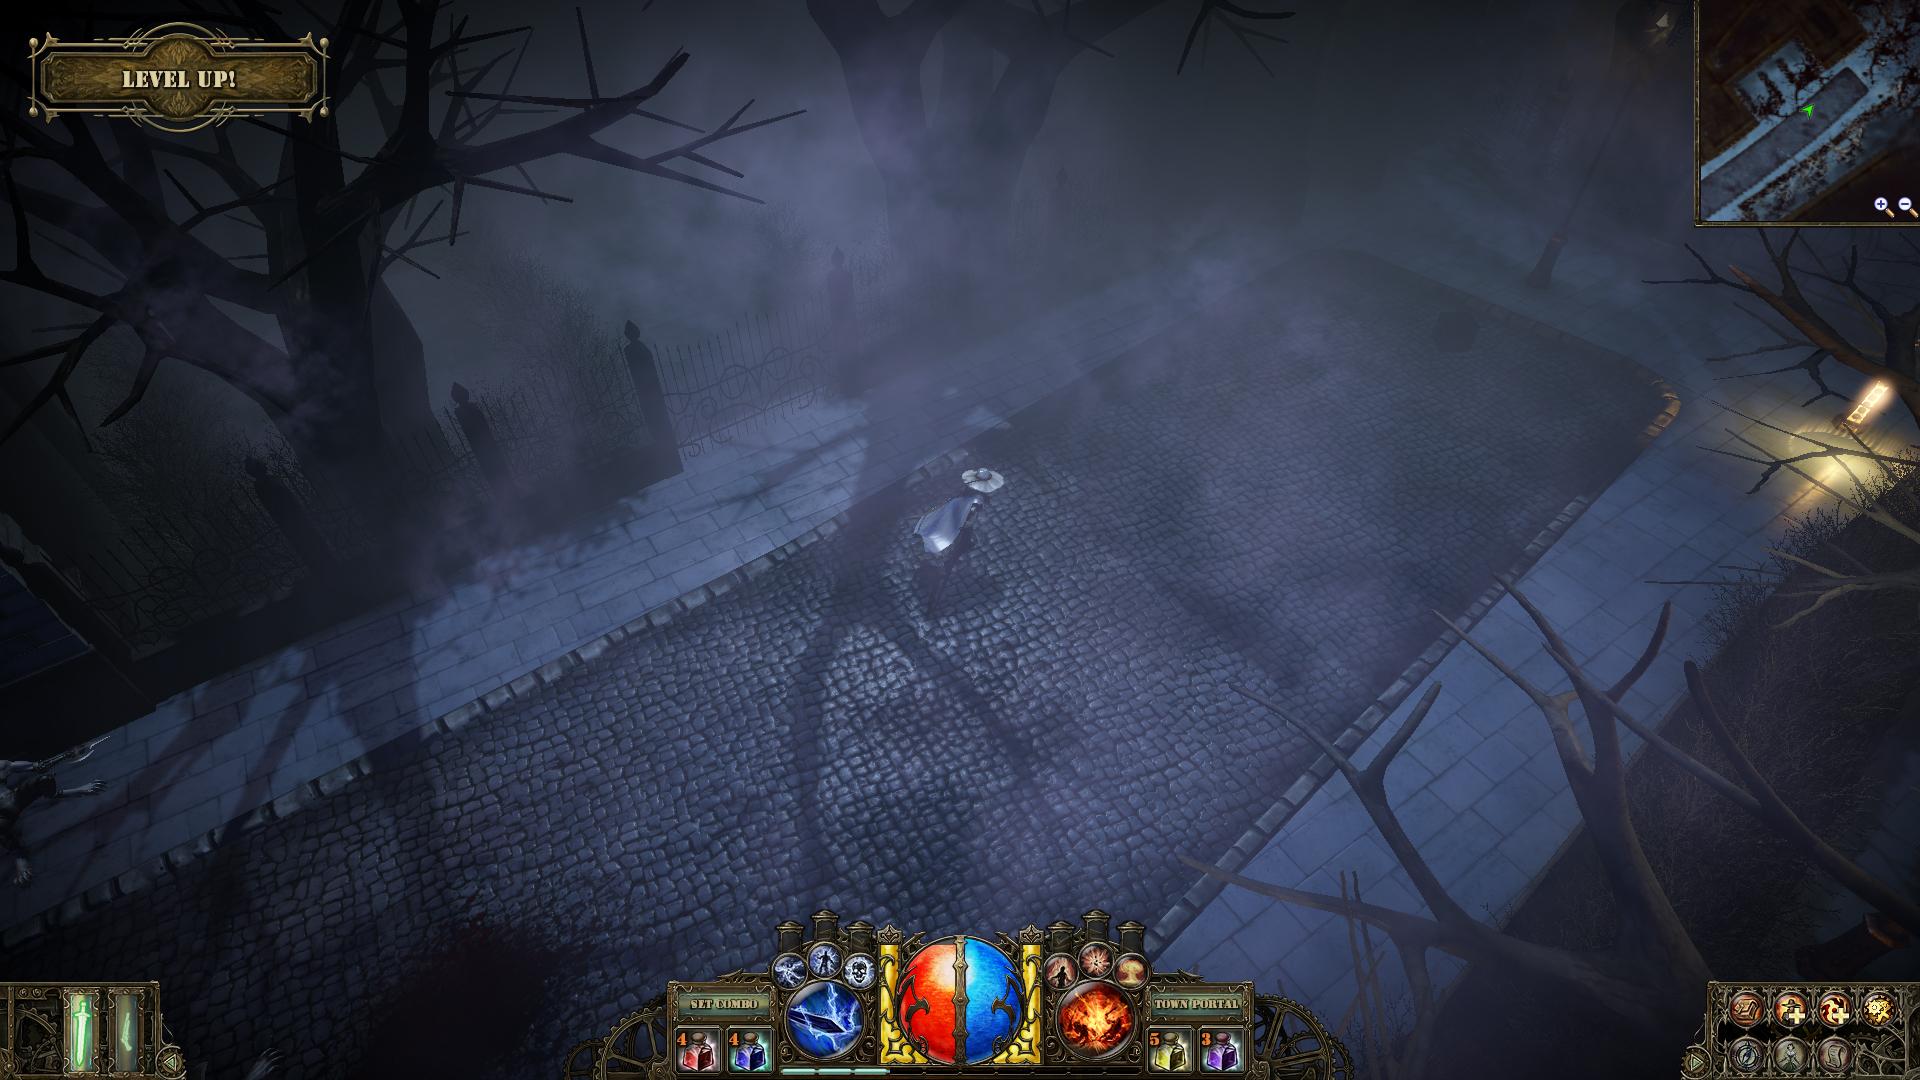 The Incredible Adventures of Van Helsing - Incredible Adventures of Van Helsing, the